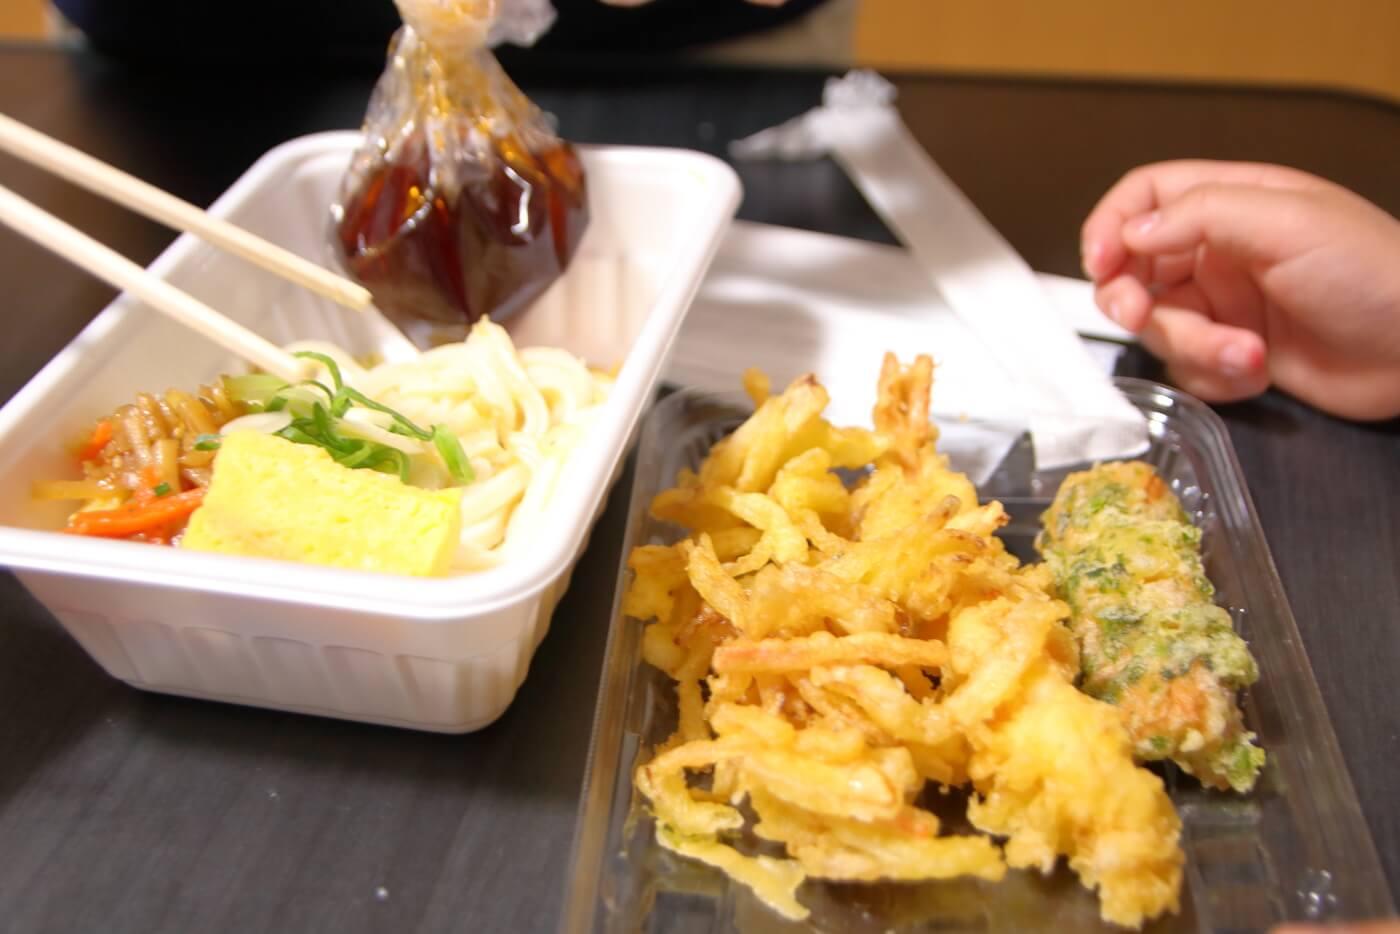 丸亀製麺 うどん弁当